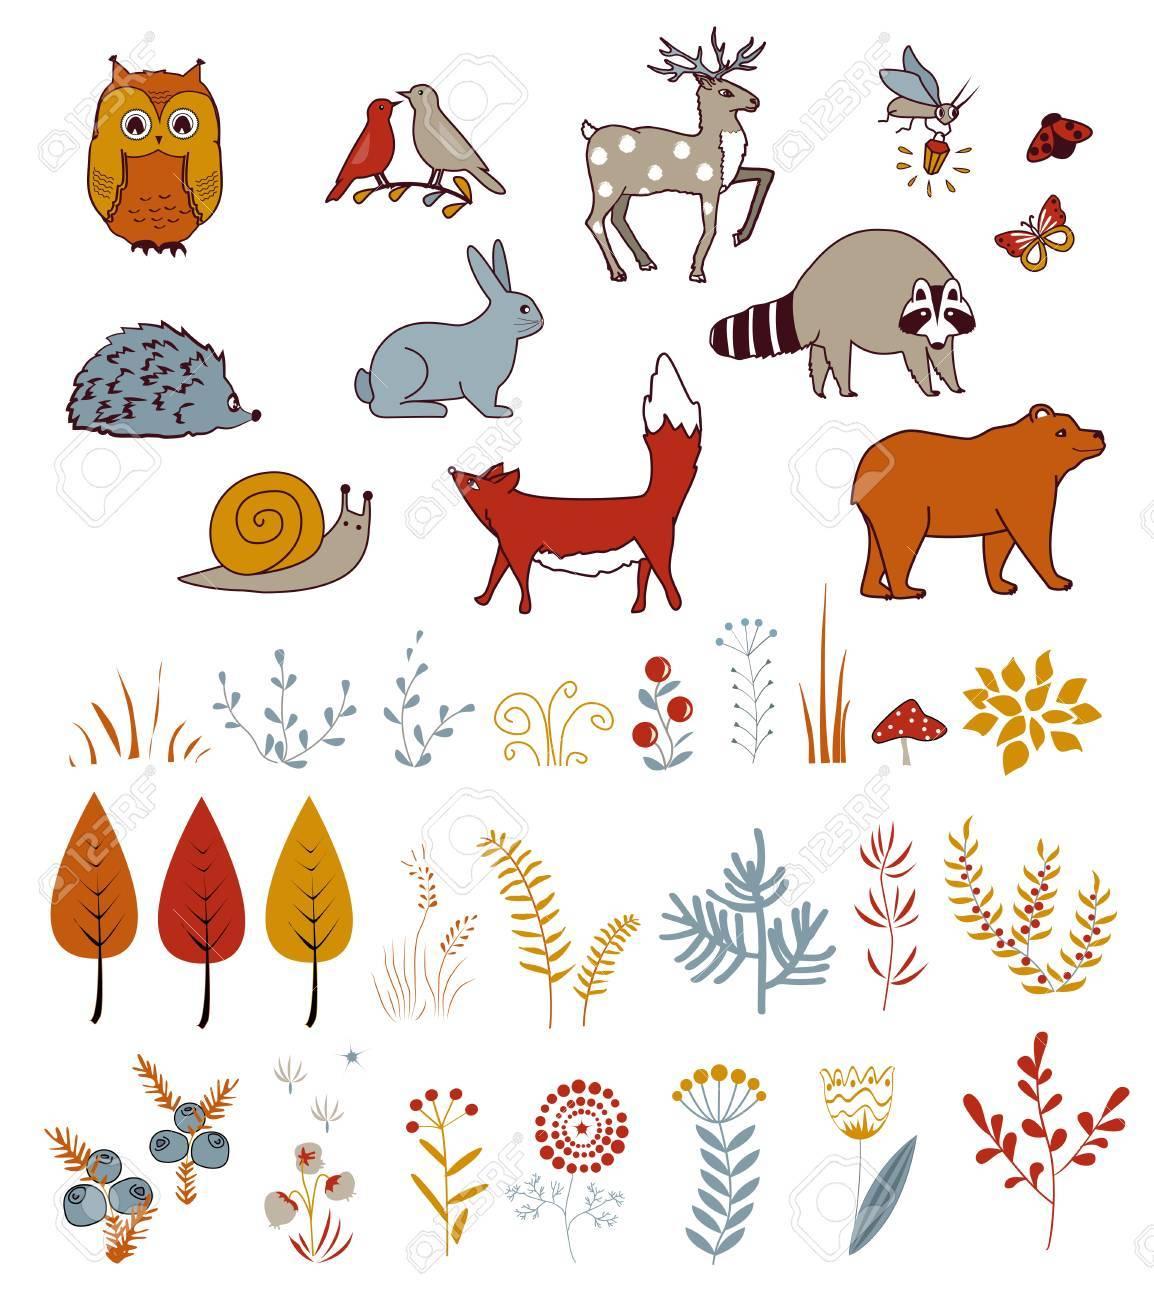 Vector Lindo Con Doodle Bosque Plantas Y Animales. Aves, Oso, Ciervo ...